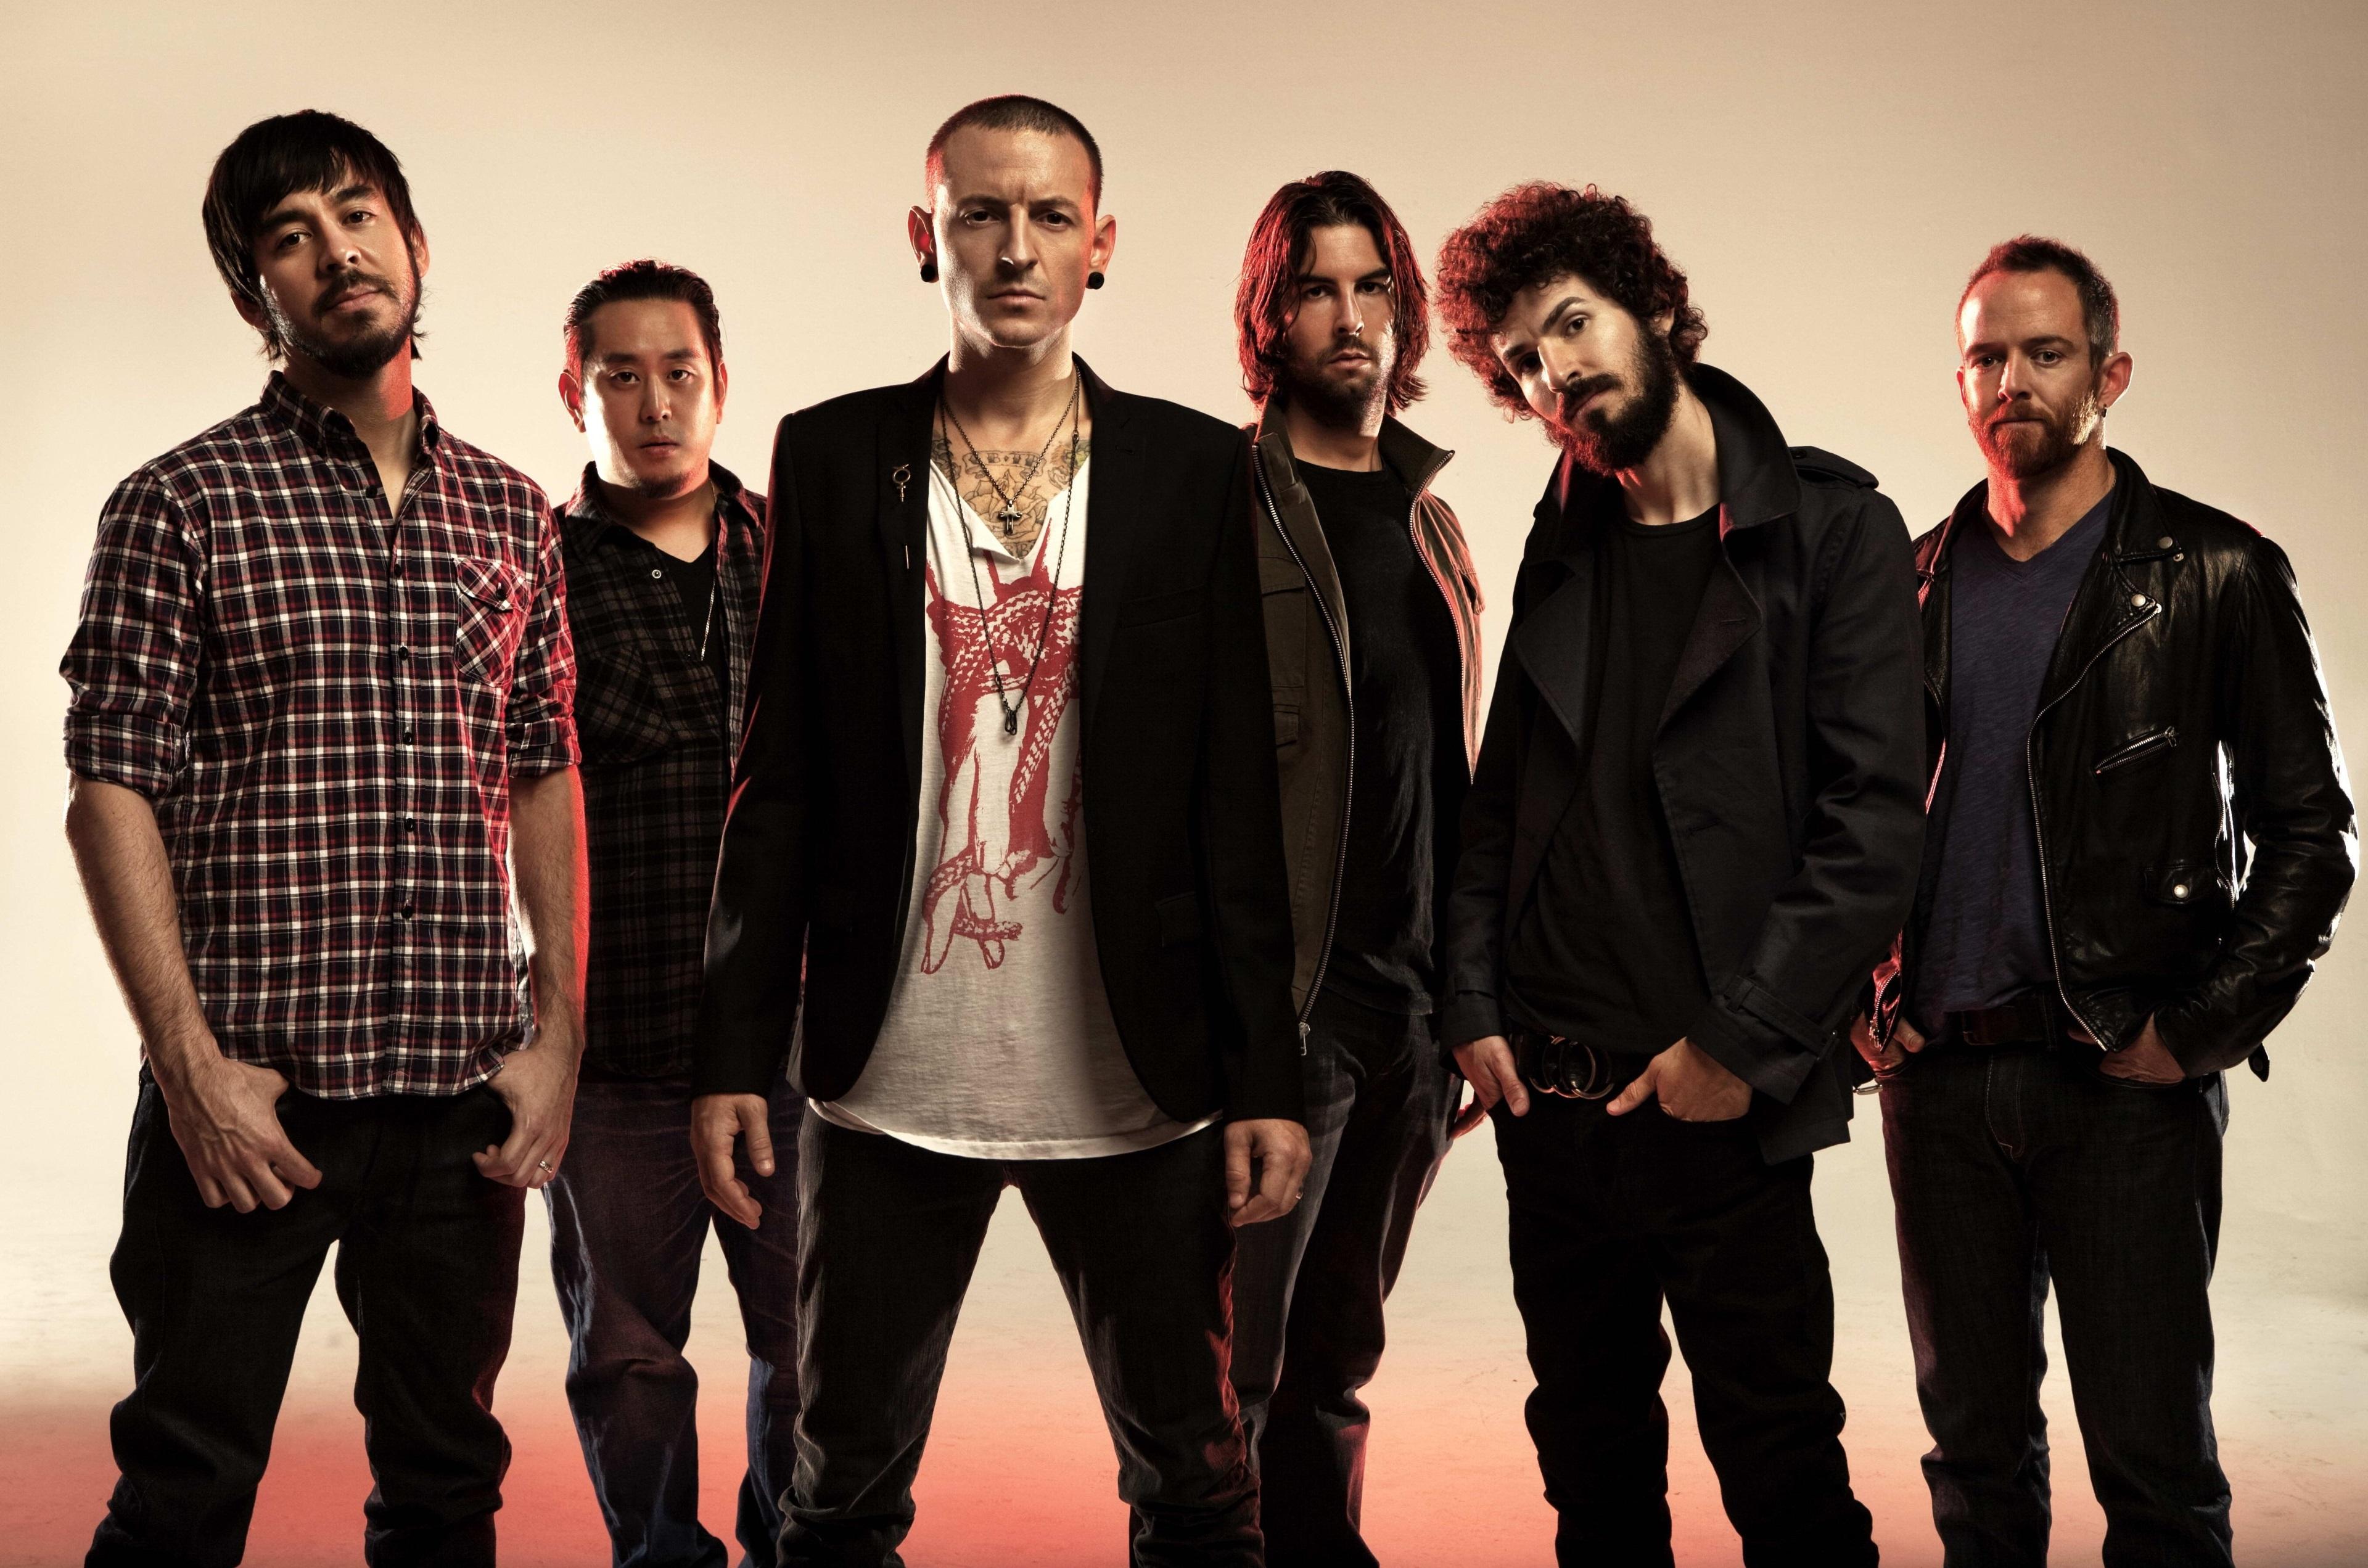 ۱۰ آهنگ برتر گروه موسیقی راک «Linkin Park»؛ از «خطی در شن» تا «دسامبر من» [قسمت اول]